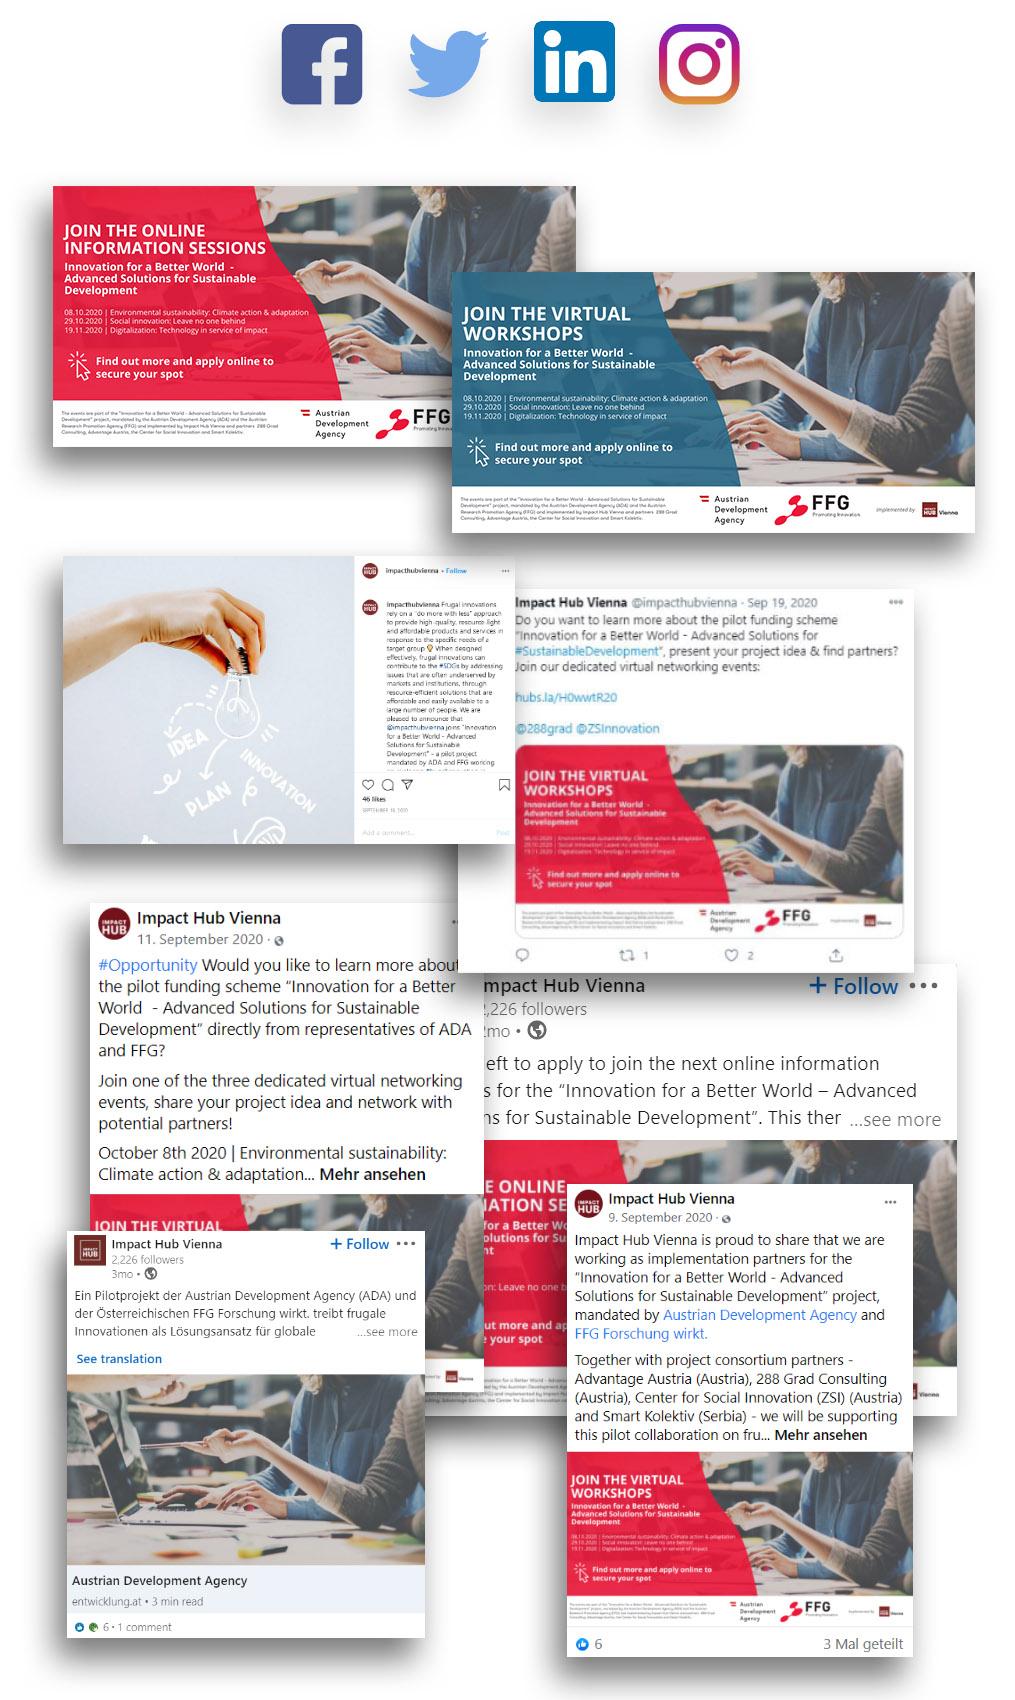 Innovate for a Better World Social Media Designs